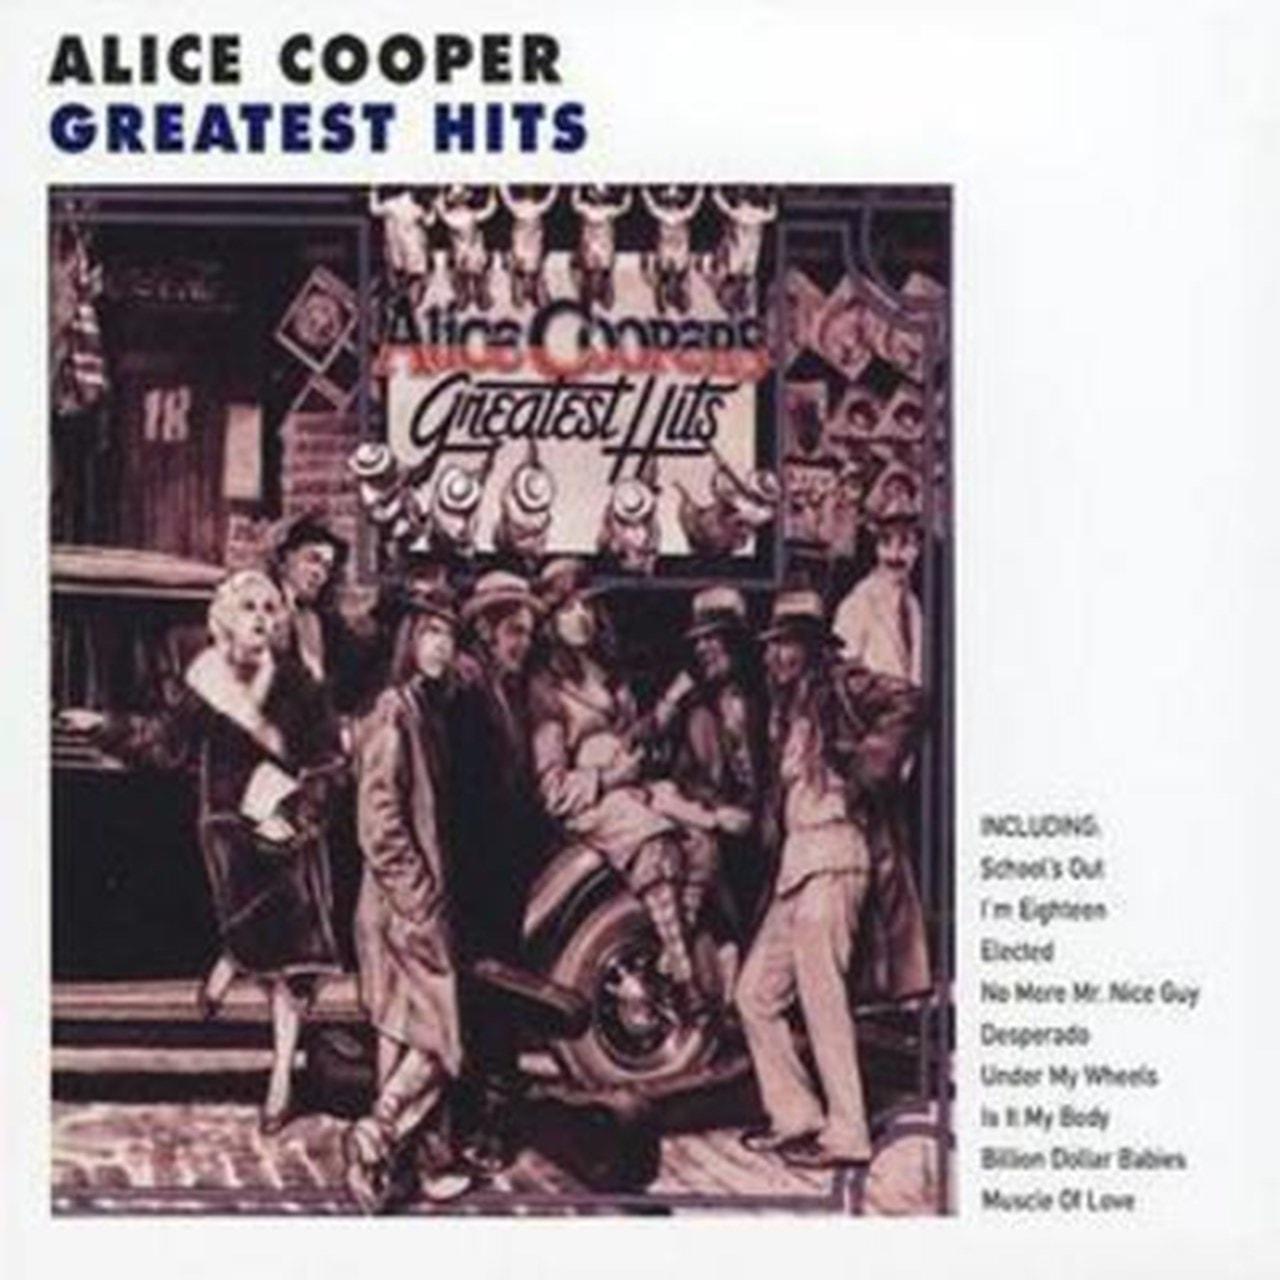 Alice Cooper's Greatest Hits - 1